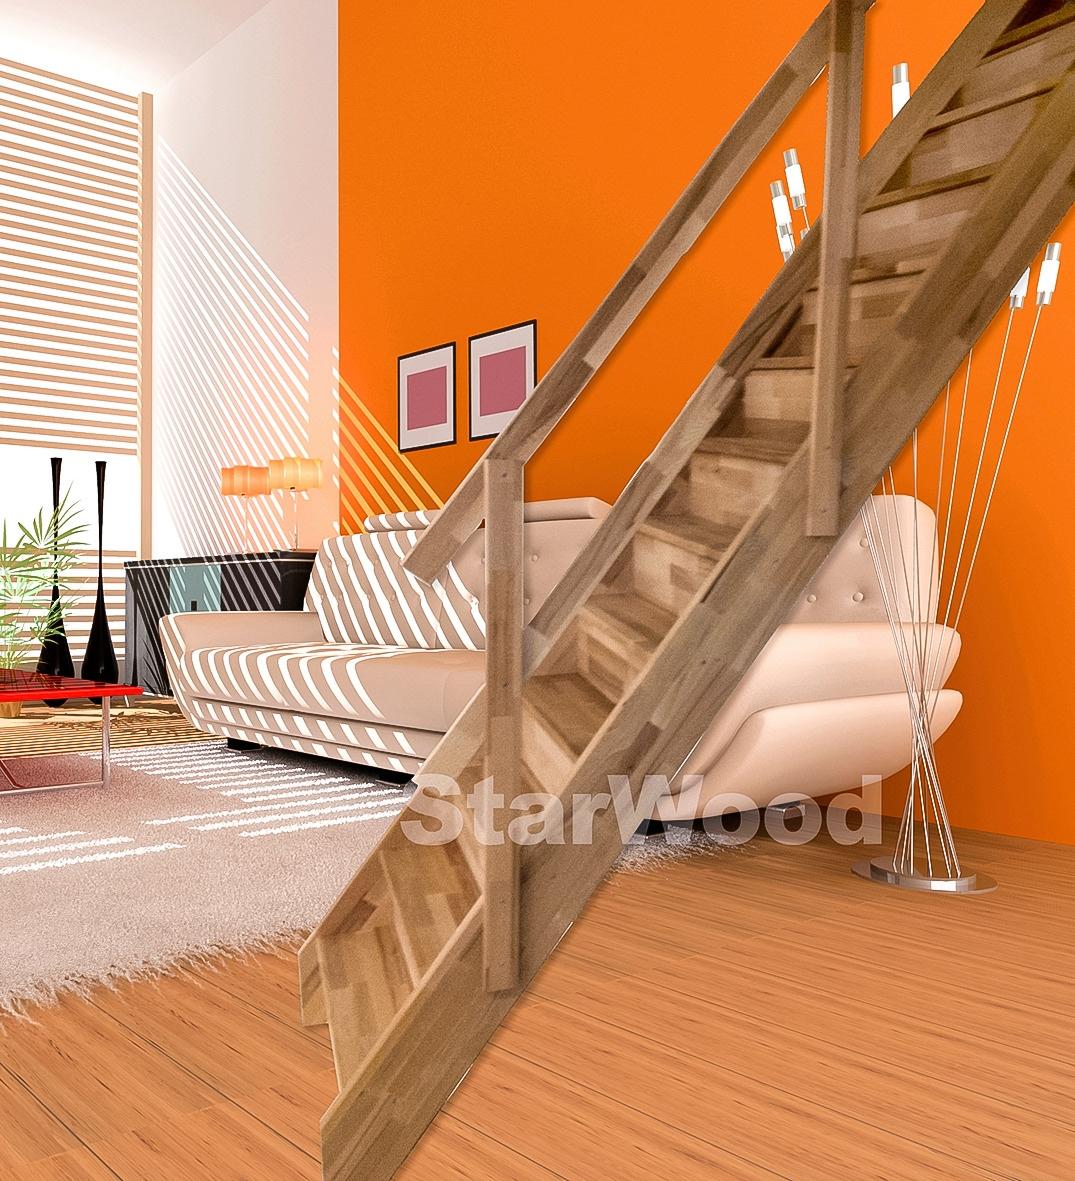 STARWOOD Raumspartreppe »Rhodos«, geschl. Stufen, gerade, Holzgeländer rechts | Baumarkt > Leitern und Treppen > Treppen | Natur | Buchenholz | STARWOOD